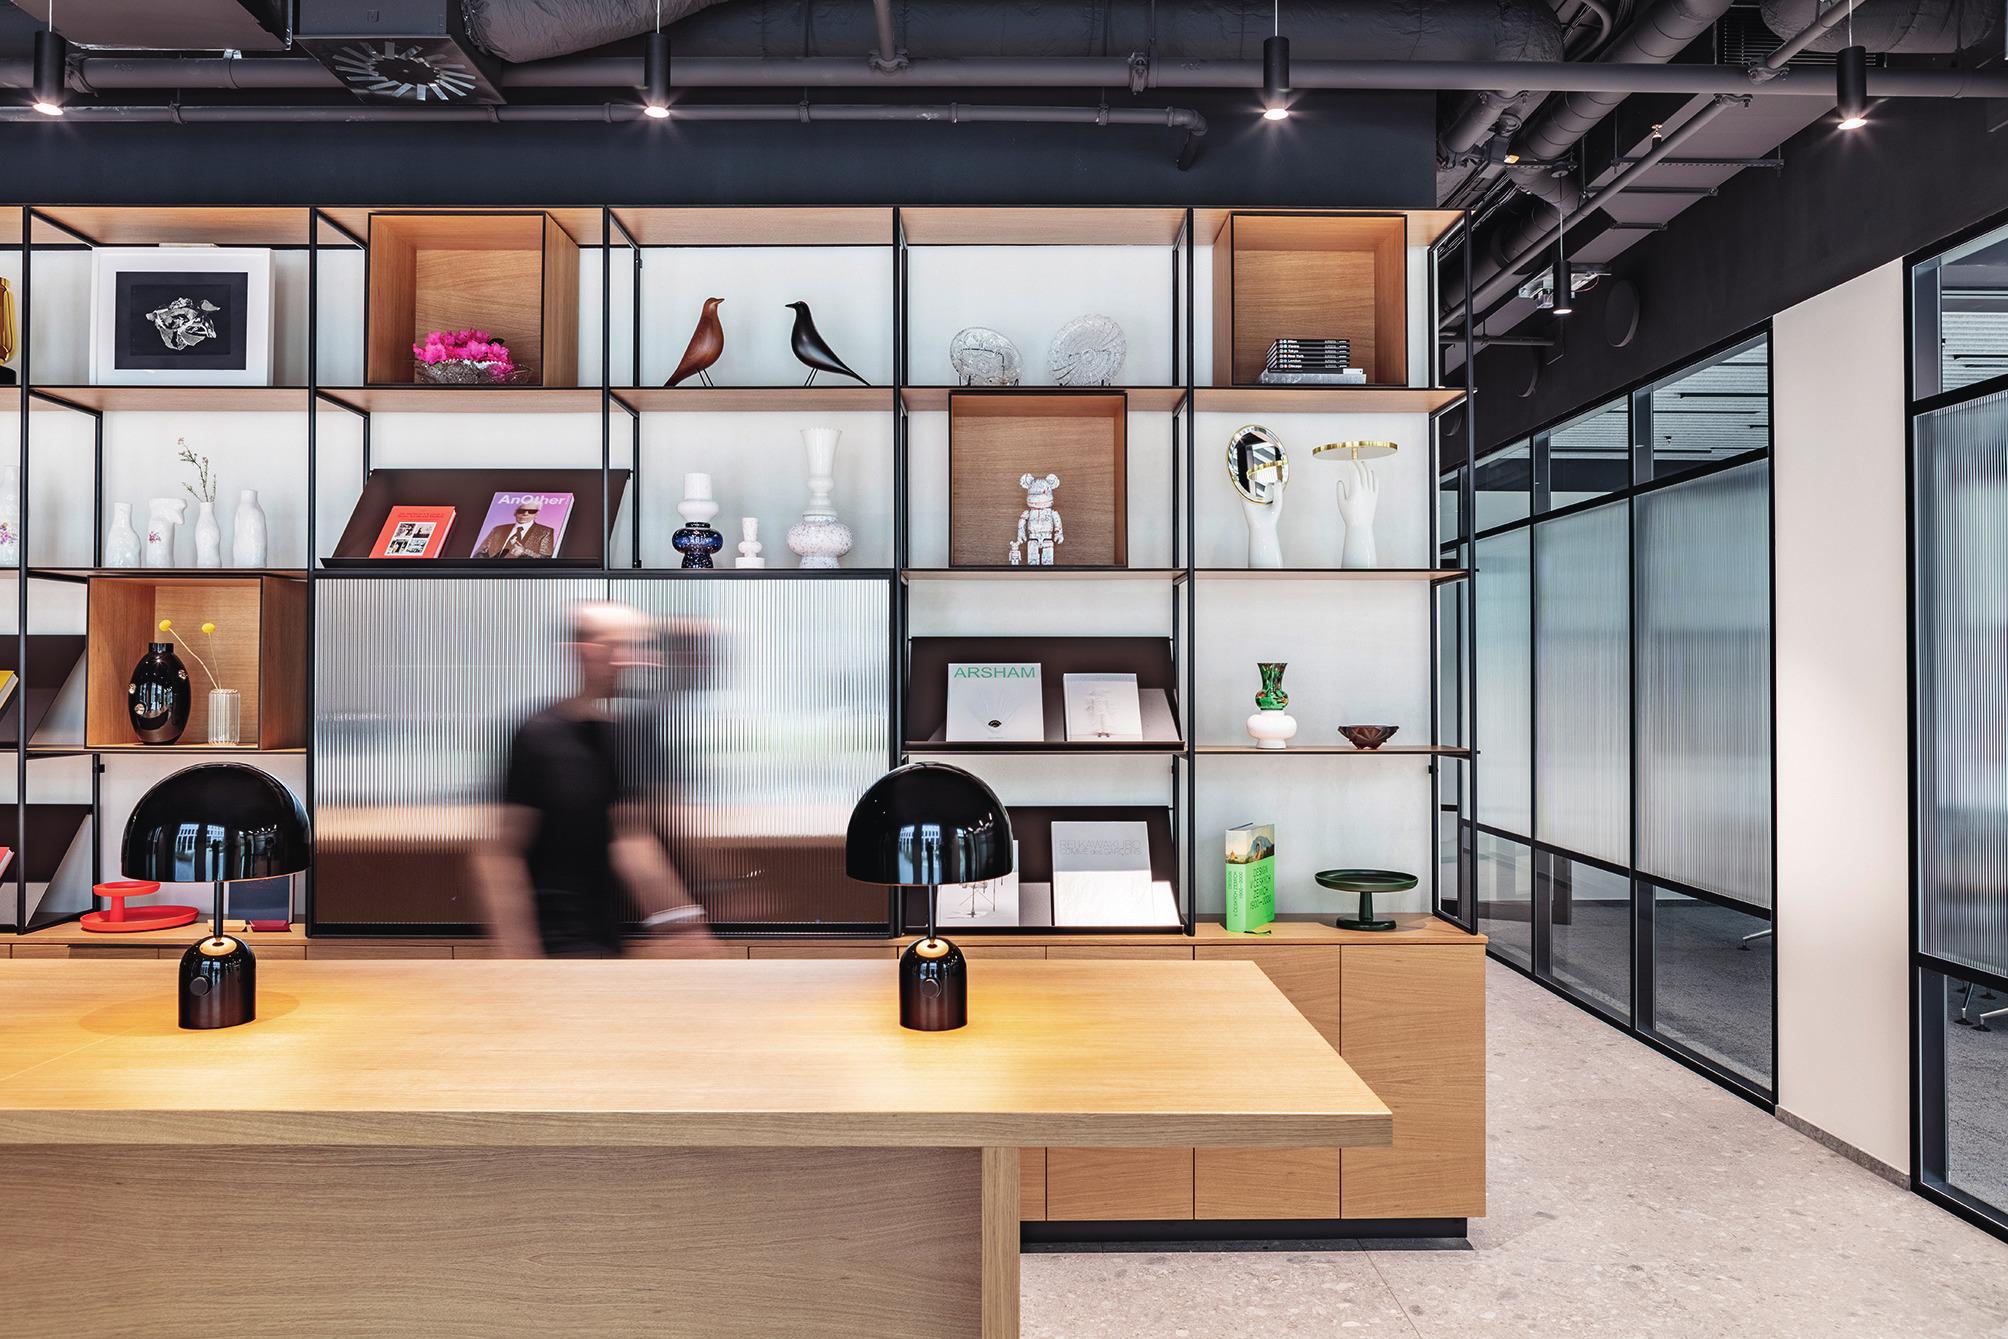 Architekti kládli dôraz na kvalitné spracovanie komunitných zón, ktoré podnecujú výmenu nápadov.